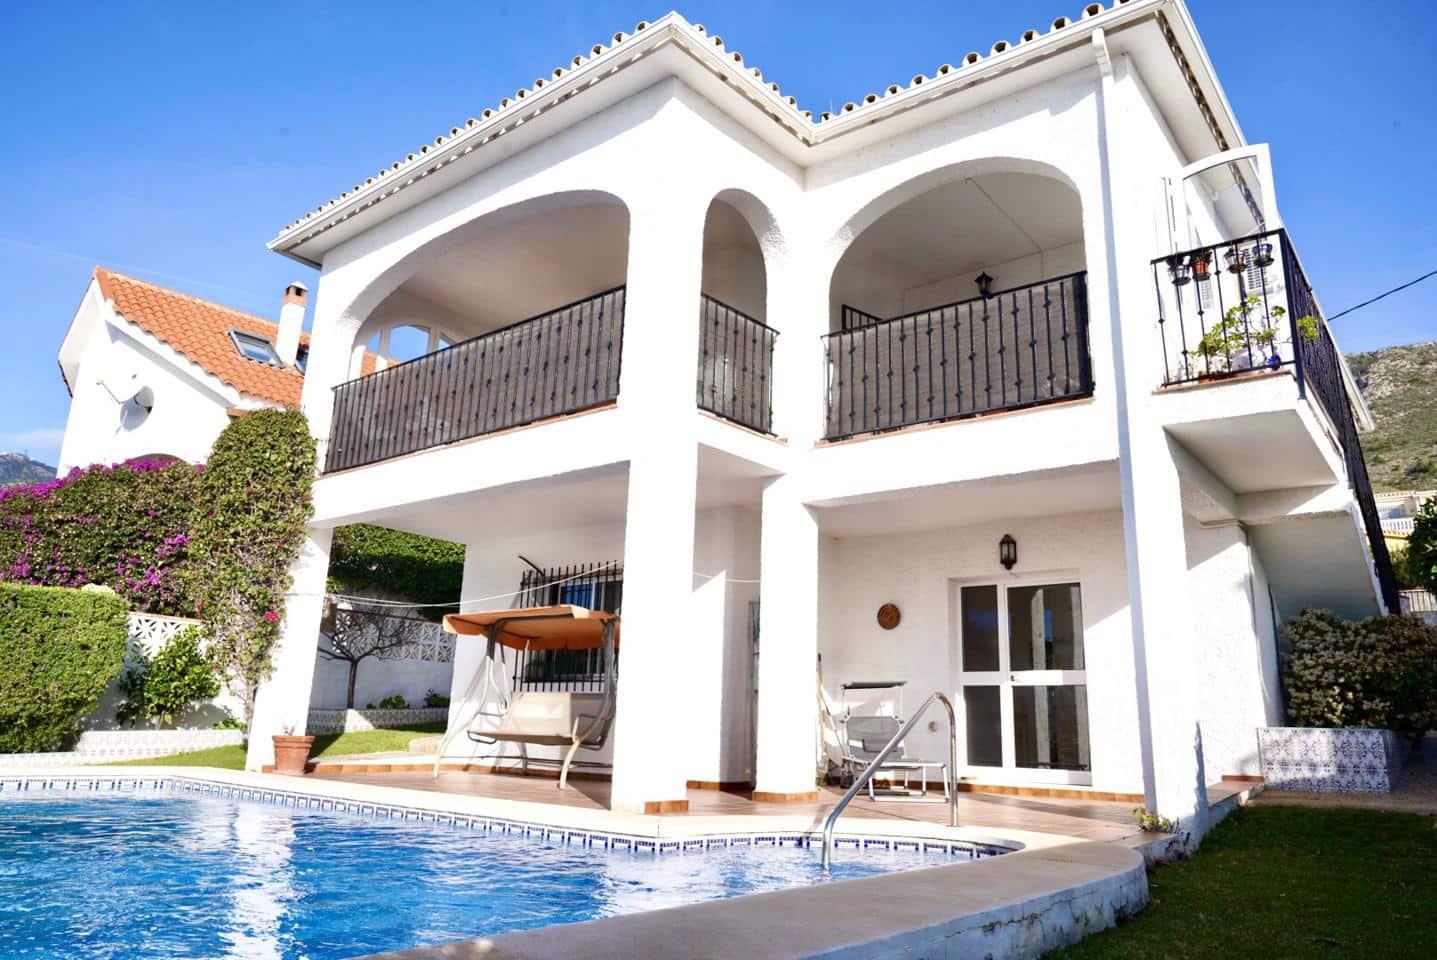 3 bedroom Villa for sale in Benalmadena with pool - € 369,000 (Ref: 5145765)